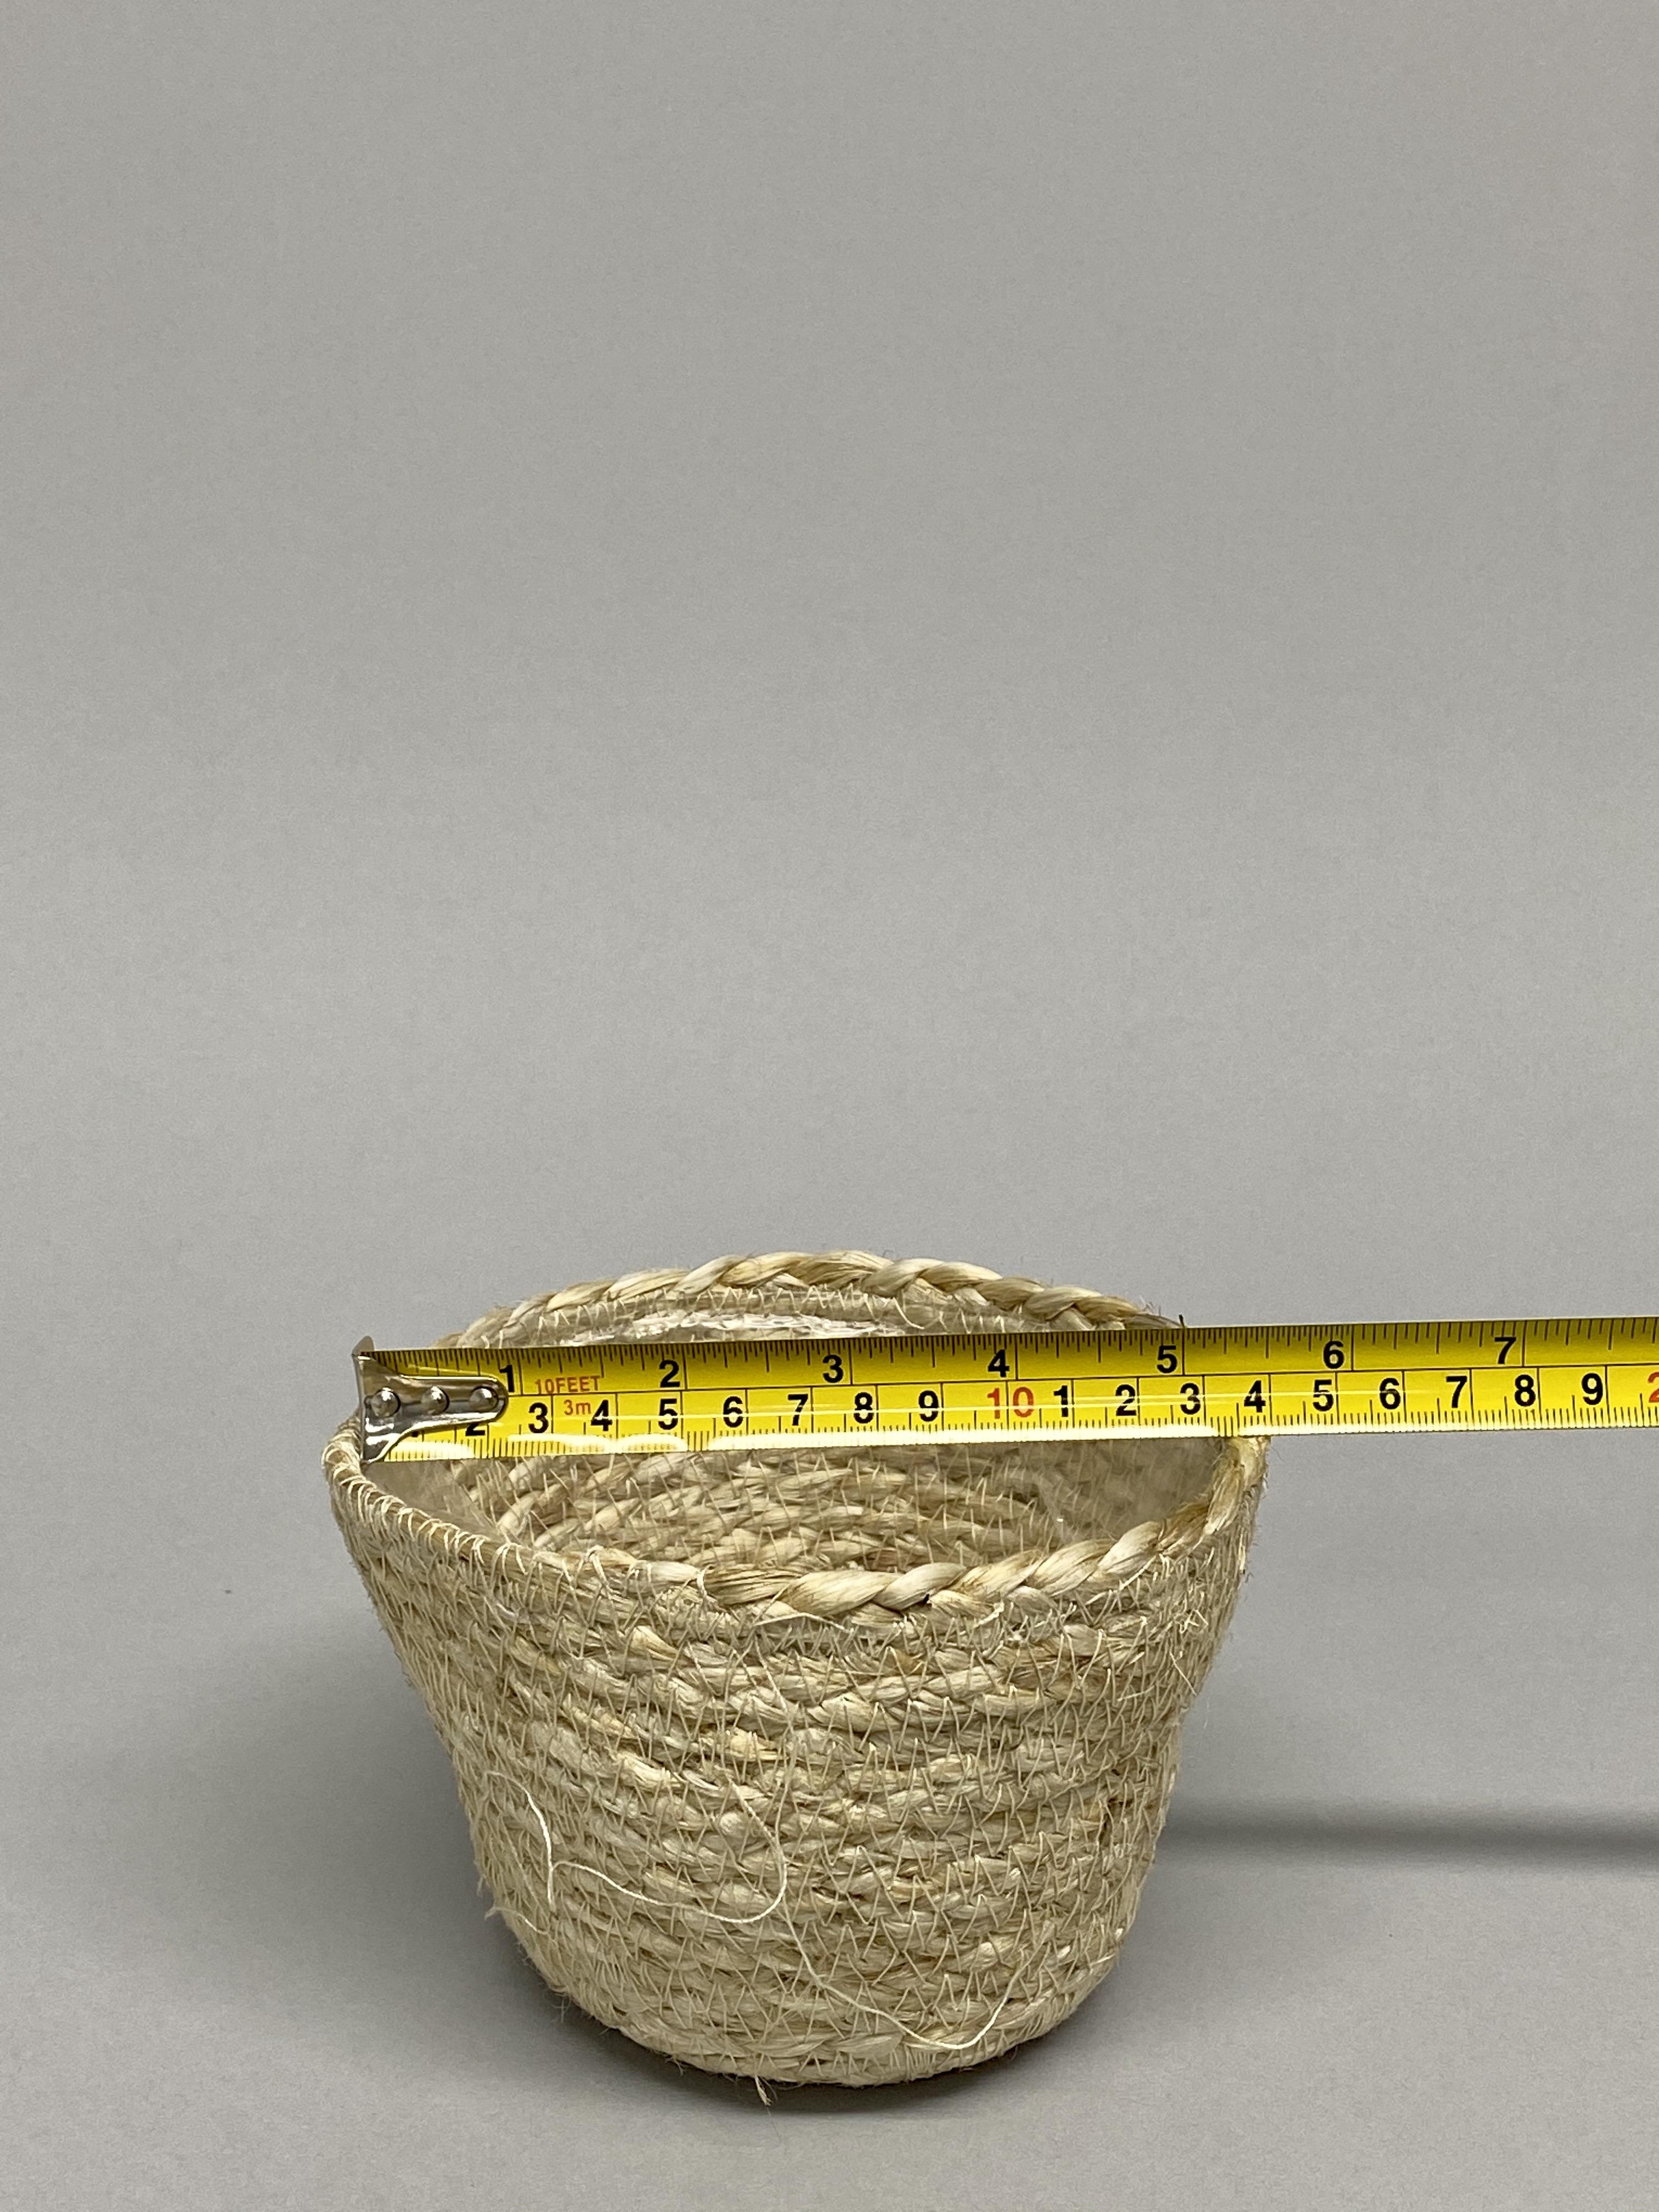 13cm Sole